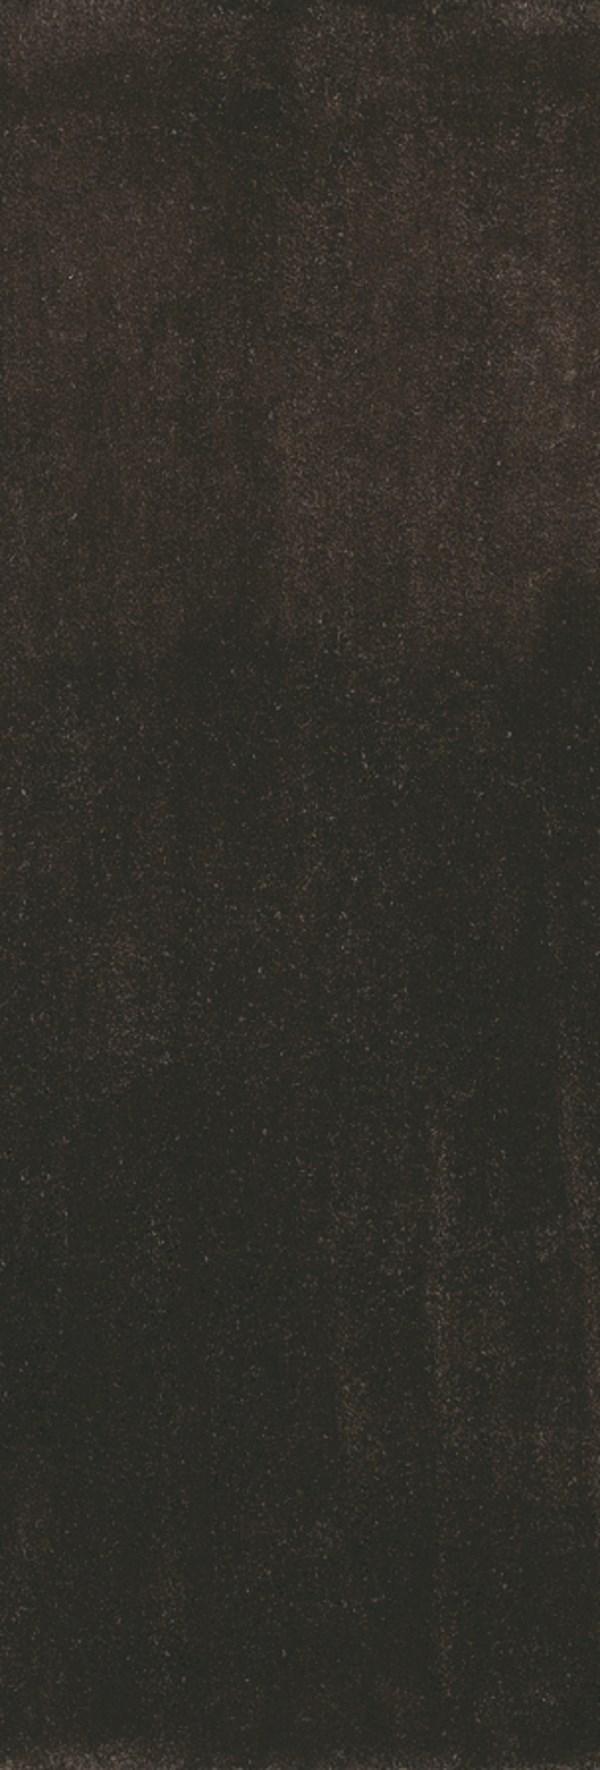 Espresso (1566) Shag Area Rug